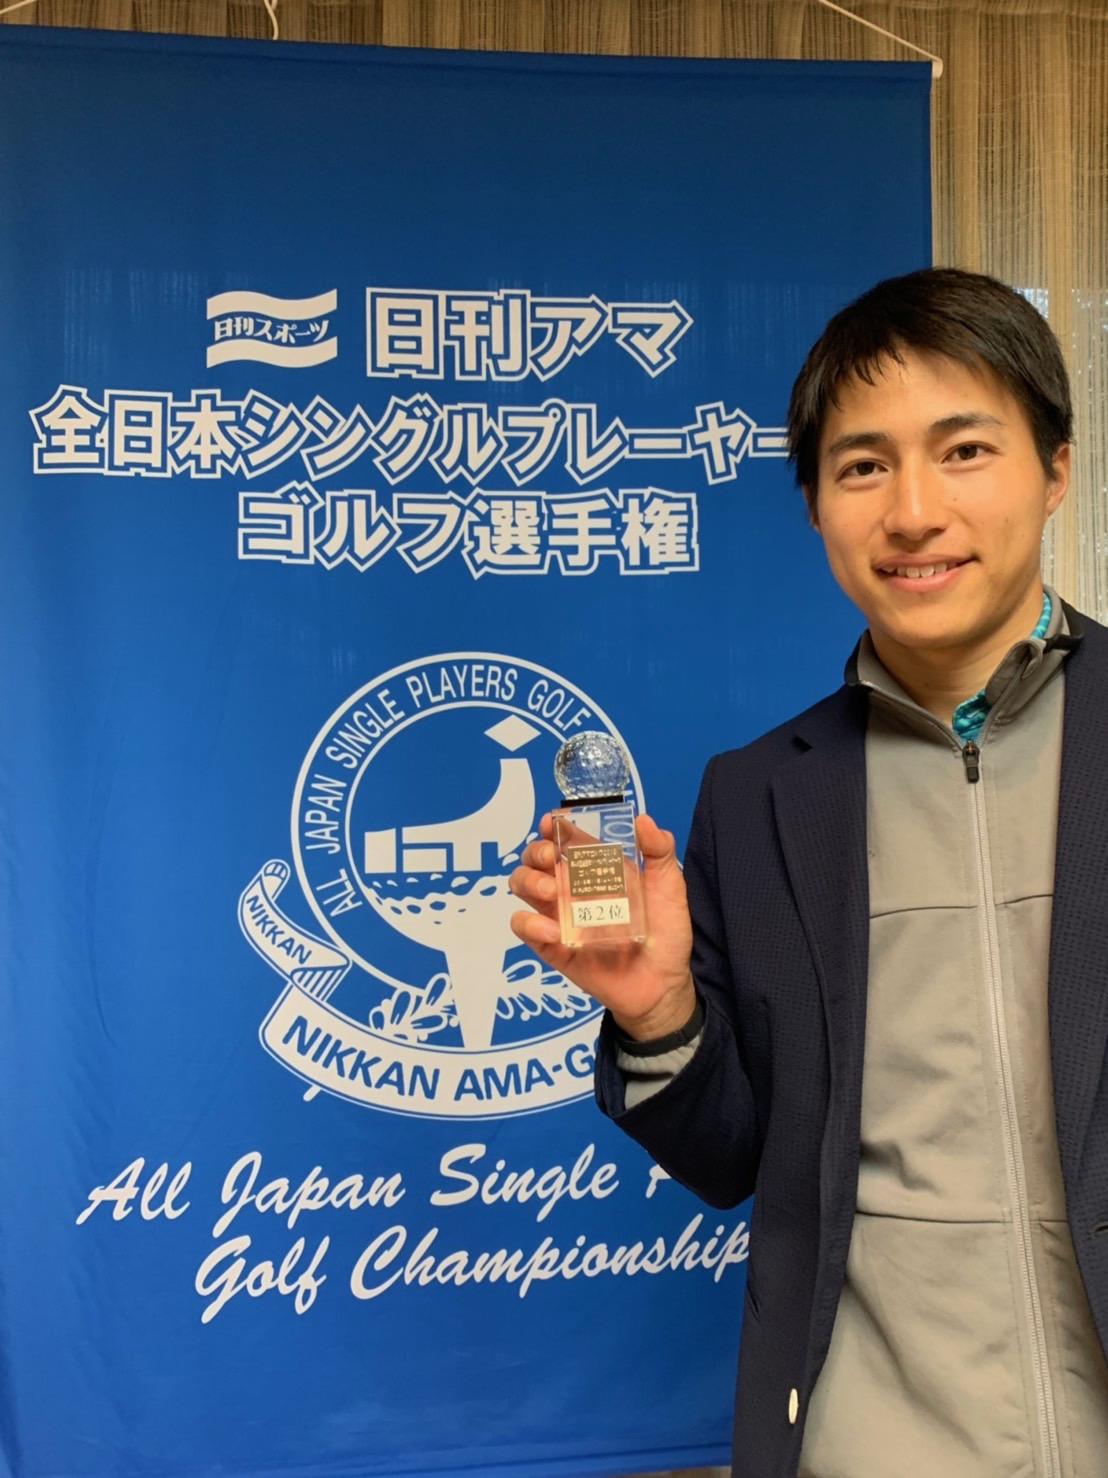 第45回全日本シングルプレーヤーズゴルフ選手権